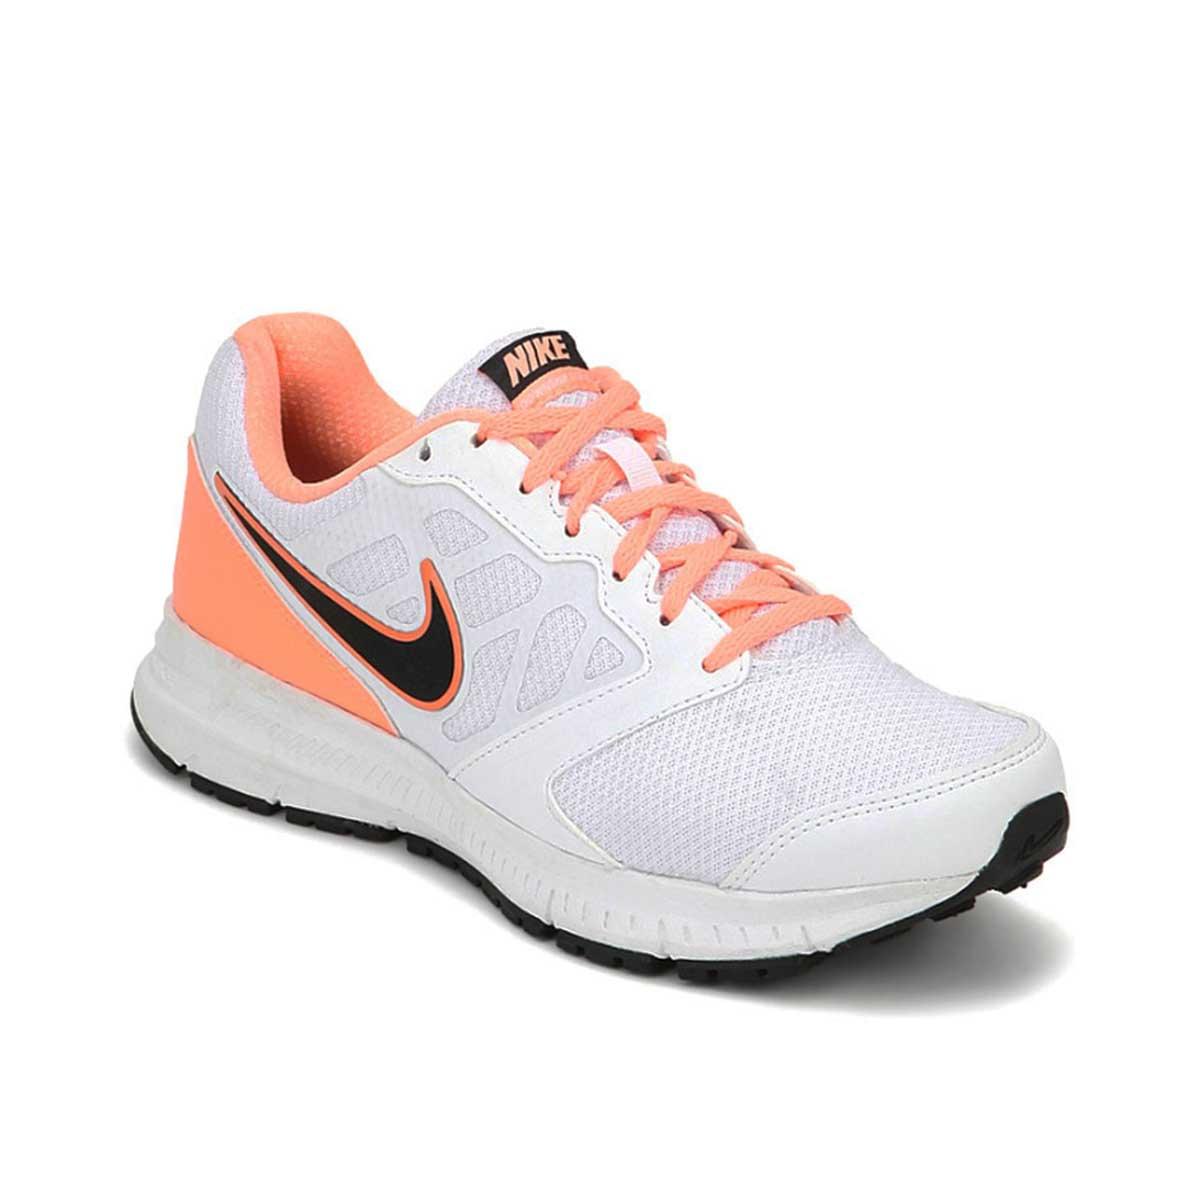 6 Downshifter Nike Running Womens Shoeswhitepink vnwmN80yO